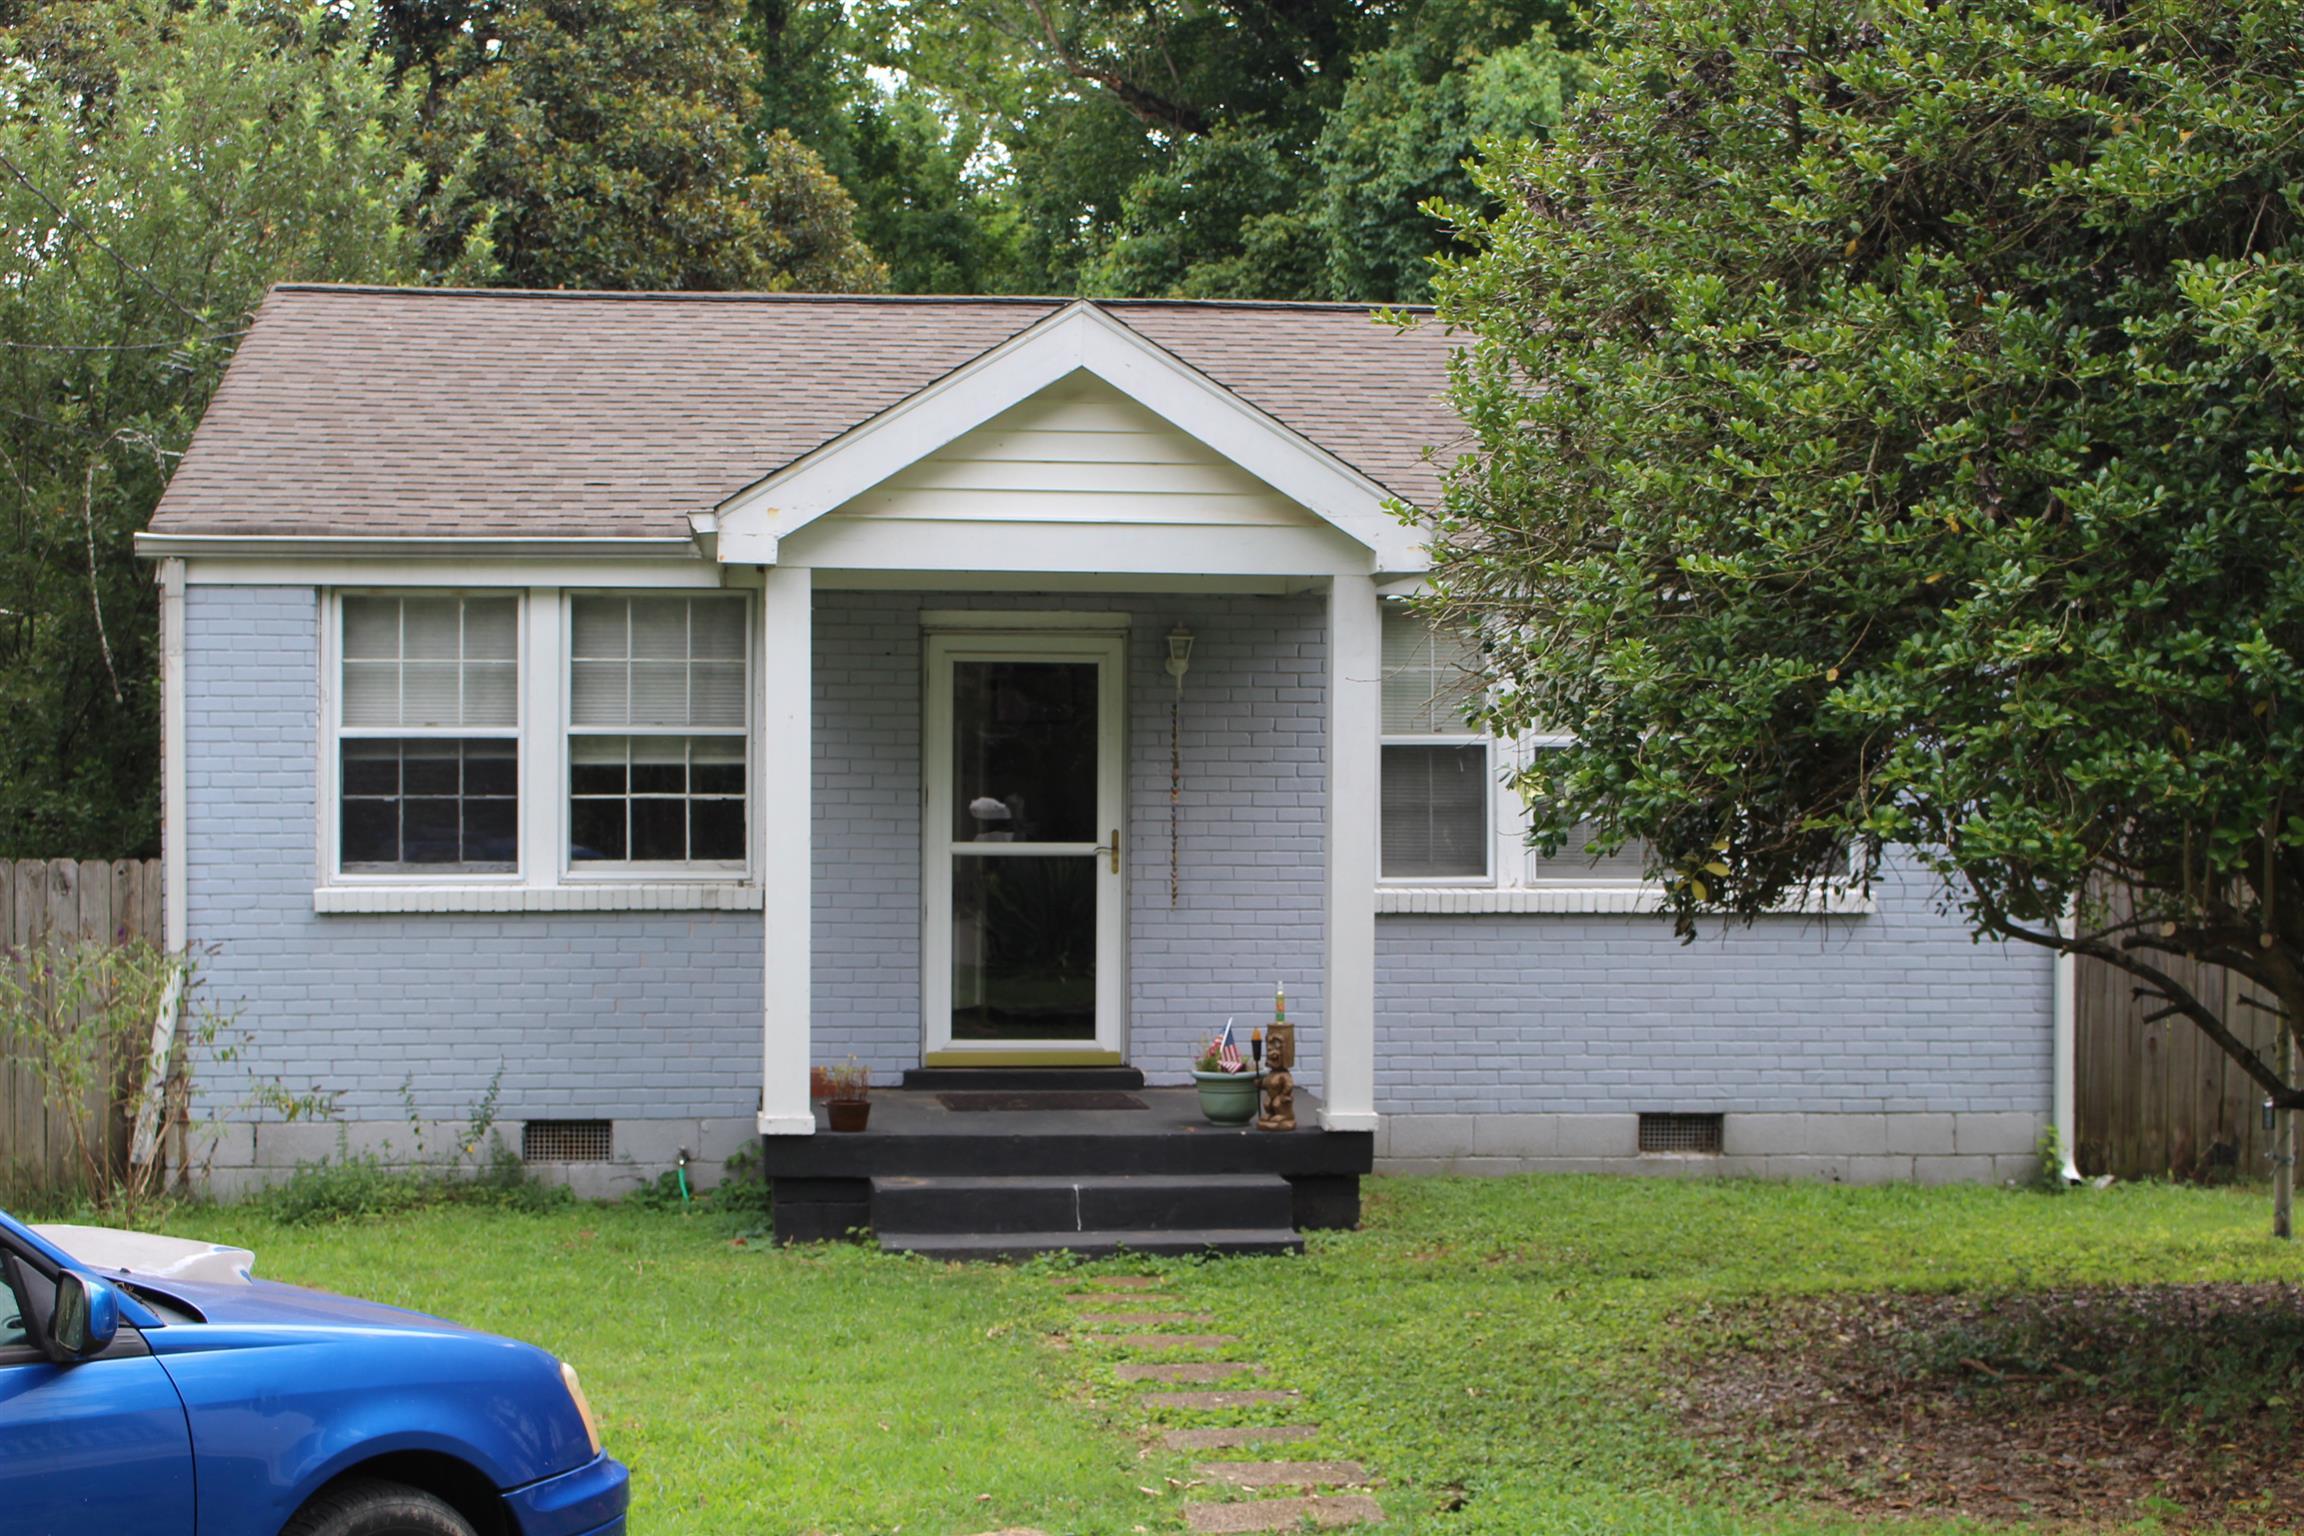 4110 Rockdale Ave, Nashville, TN 37204 - Nashville, TN real estate listing